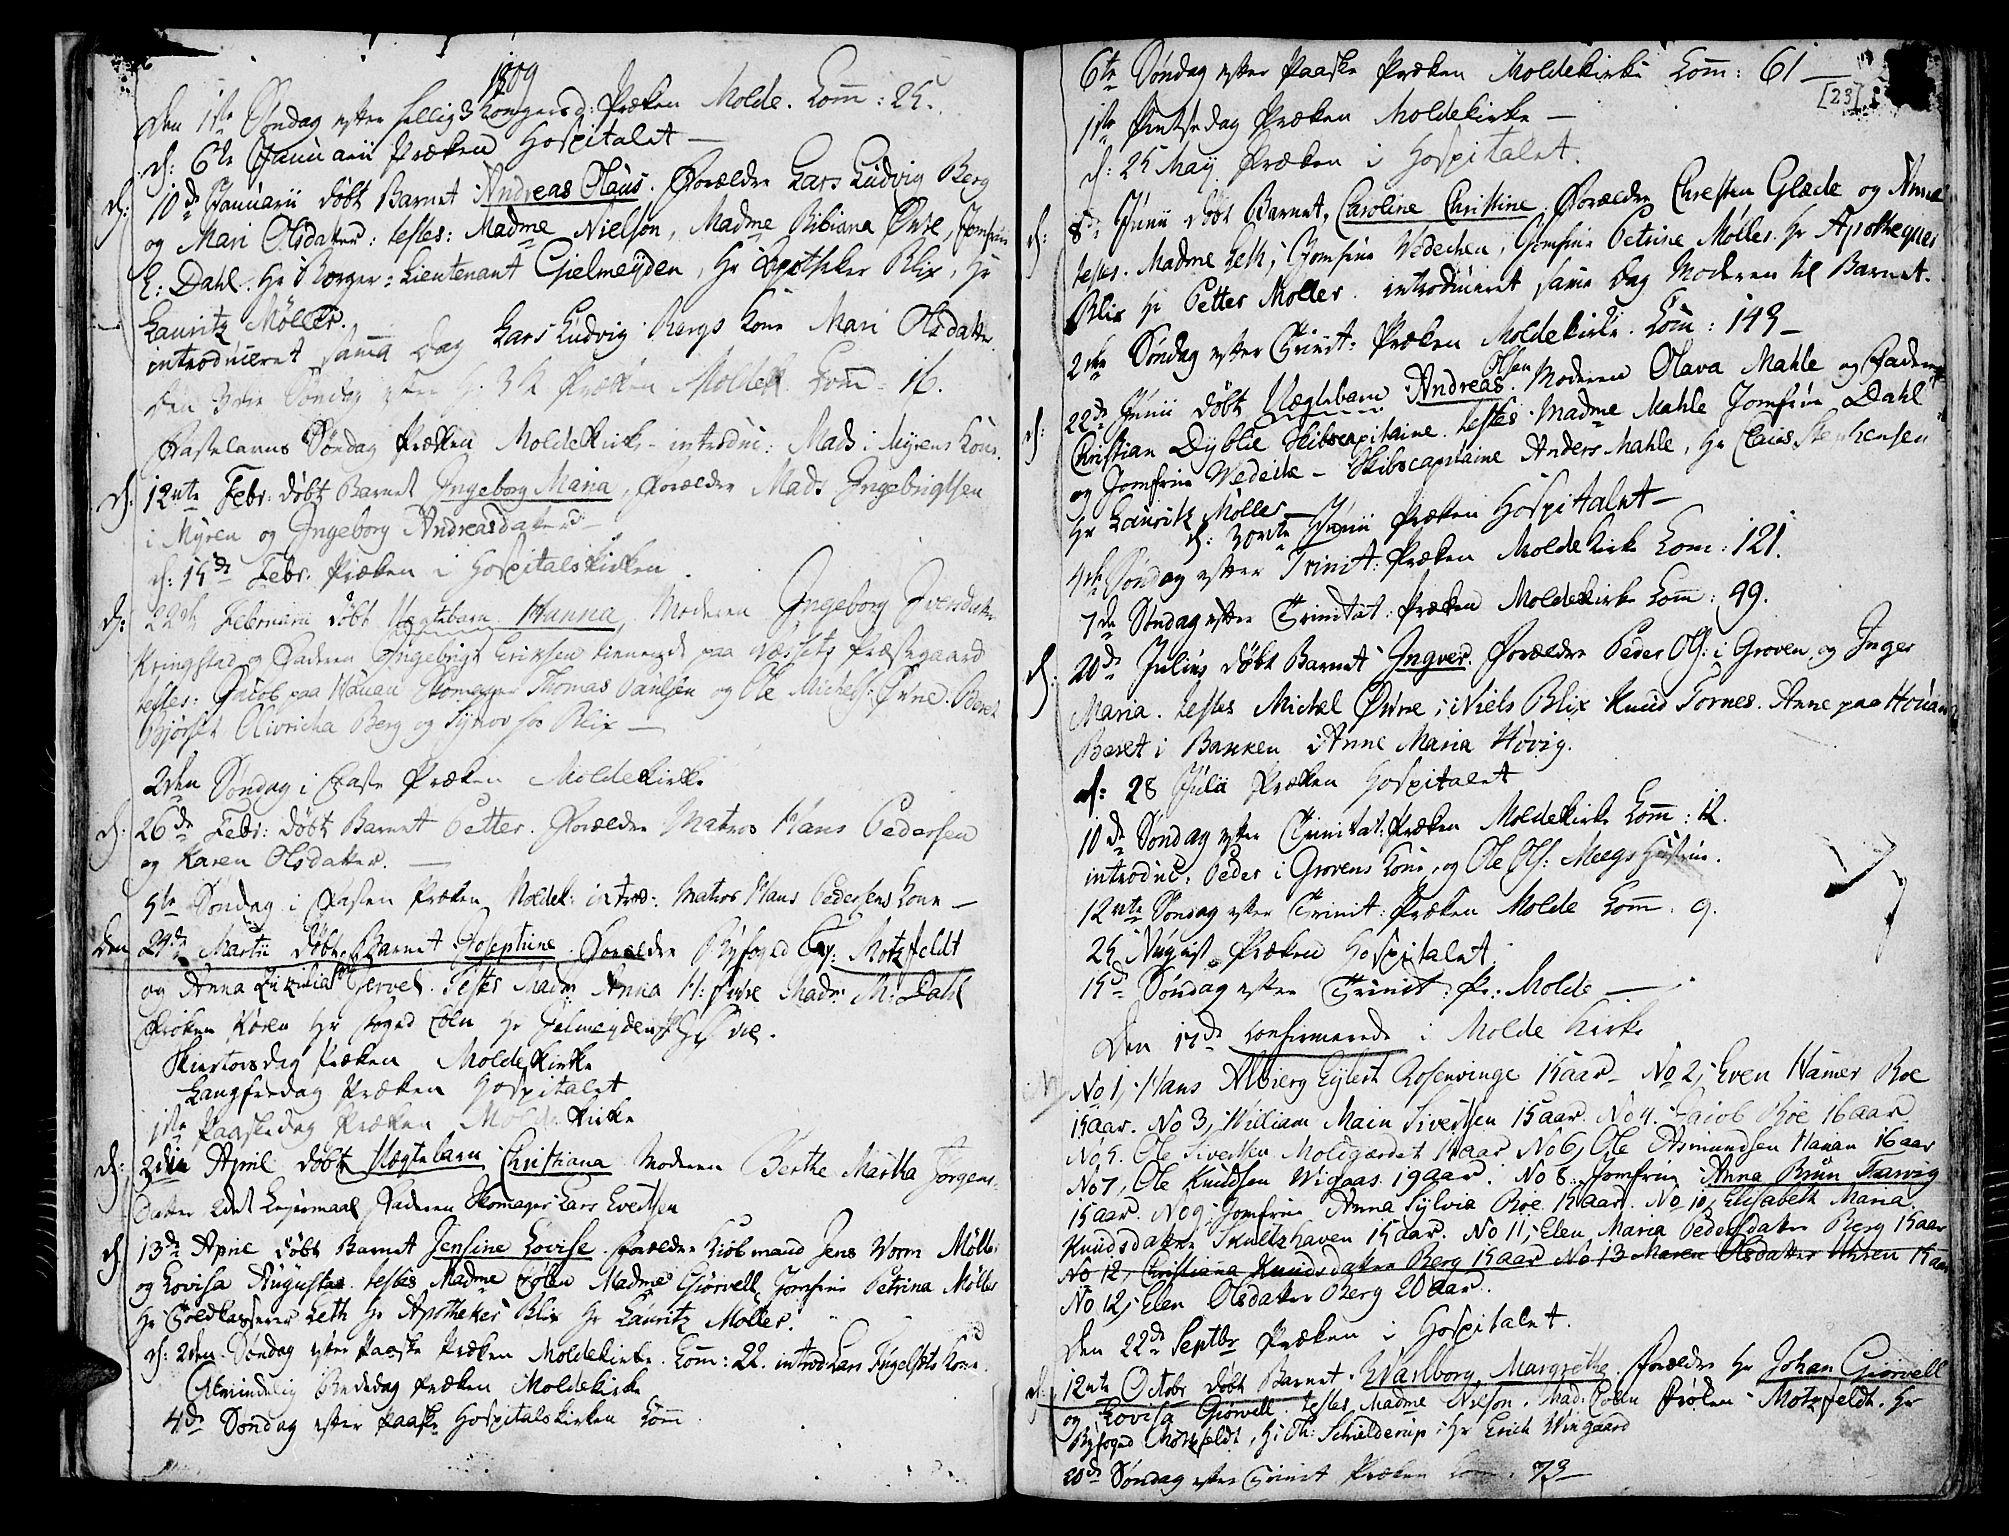 SAT, Ministerialprotokoller, klokkerbøker og fødselsregistre - Møre og Romsdal, 558/L0687: Ministerialbok nr. 558A01, 1798-1818, s. 23